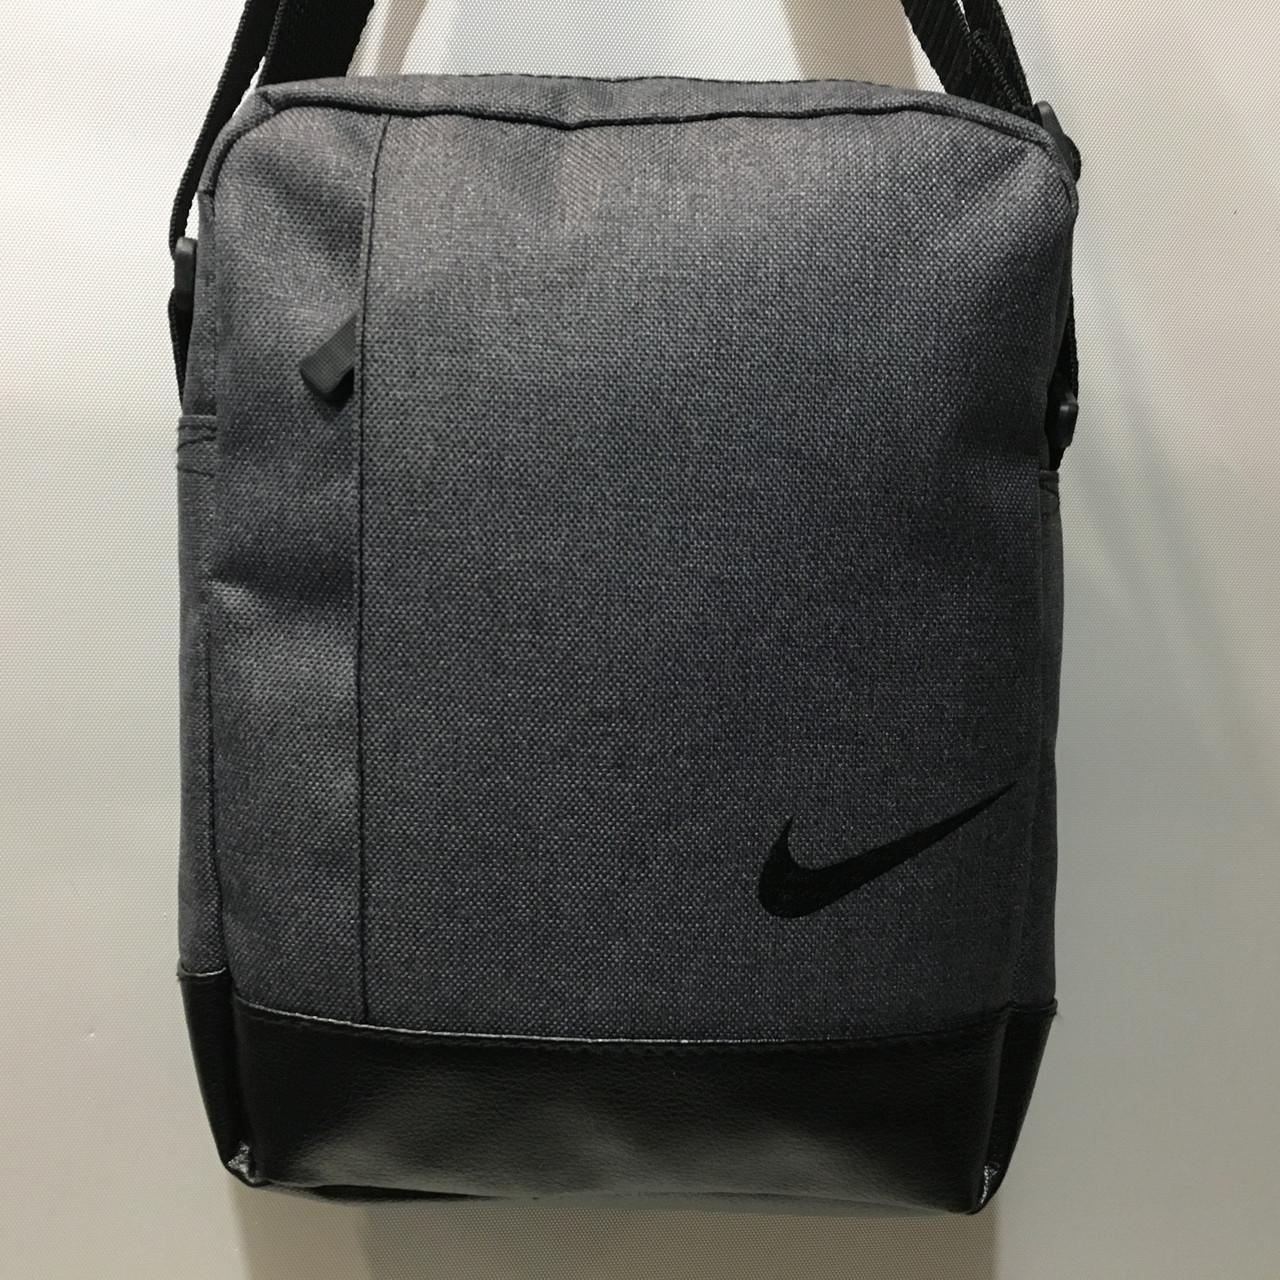 d6b16904a Барсетка кож.зам мужская через плечо сумка Найк Nike оптом: продажа ...